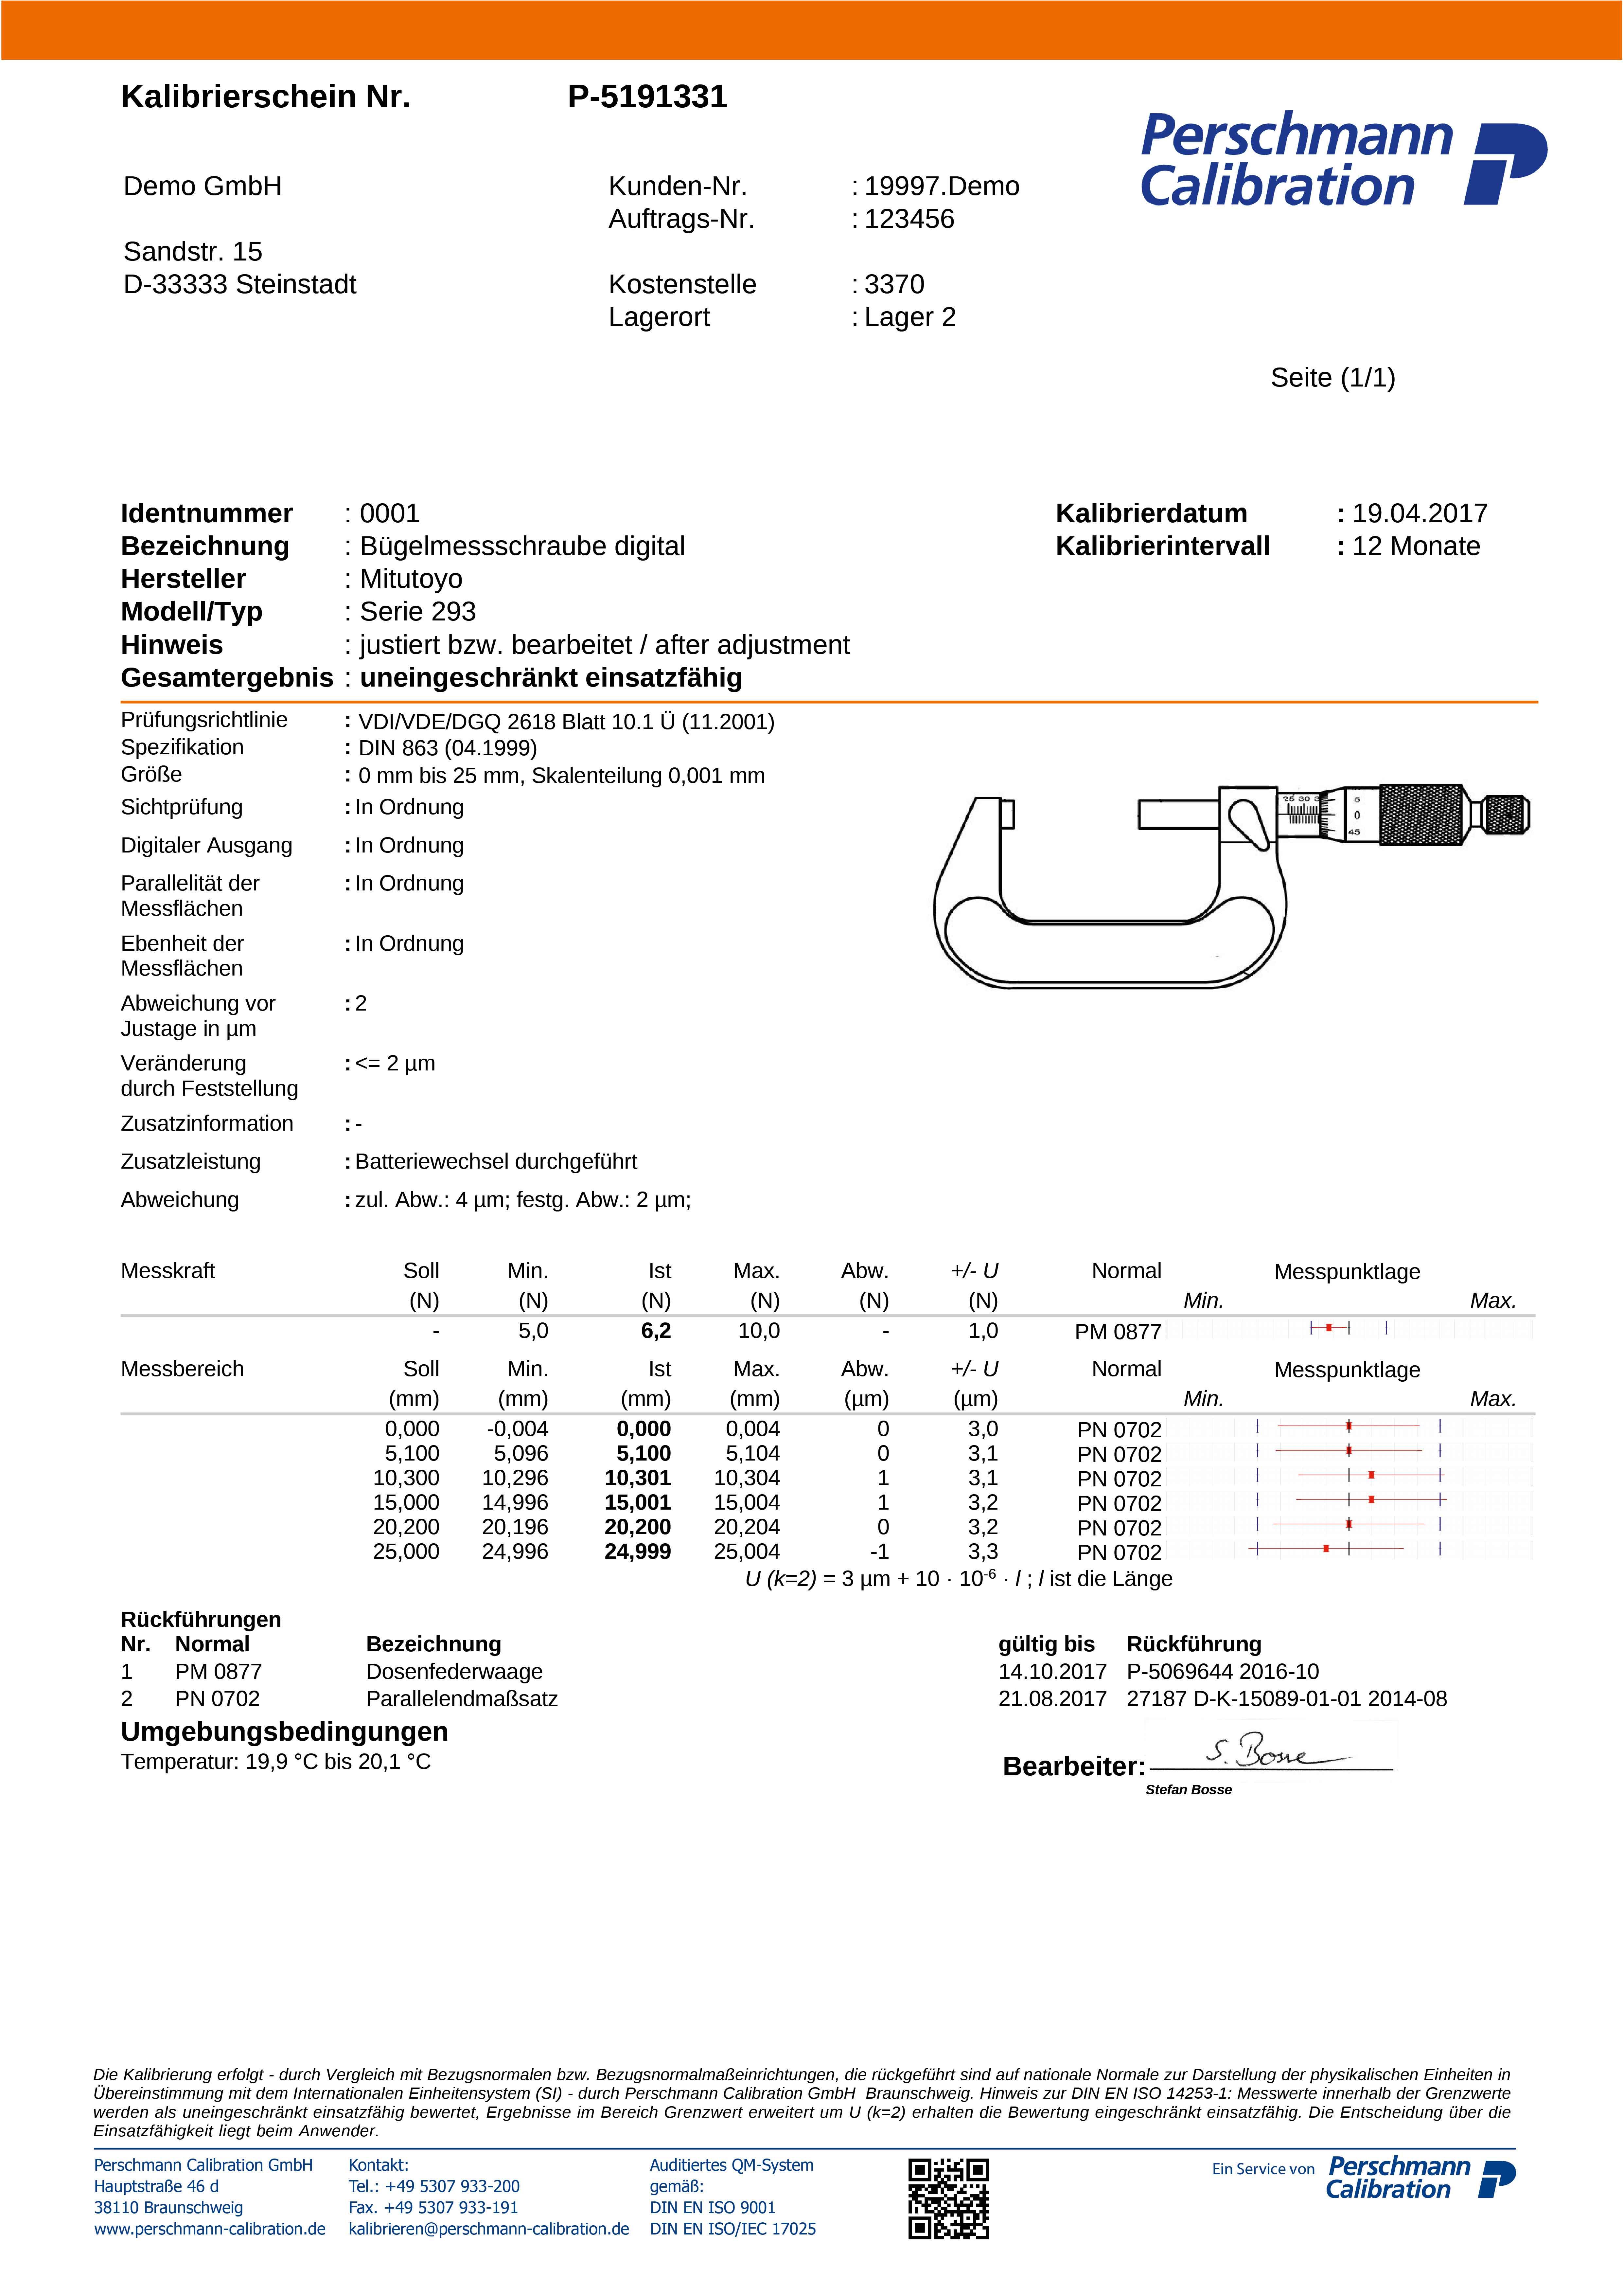 Perschmann Calibration Kalibrierschein